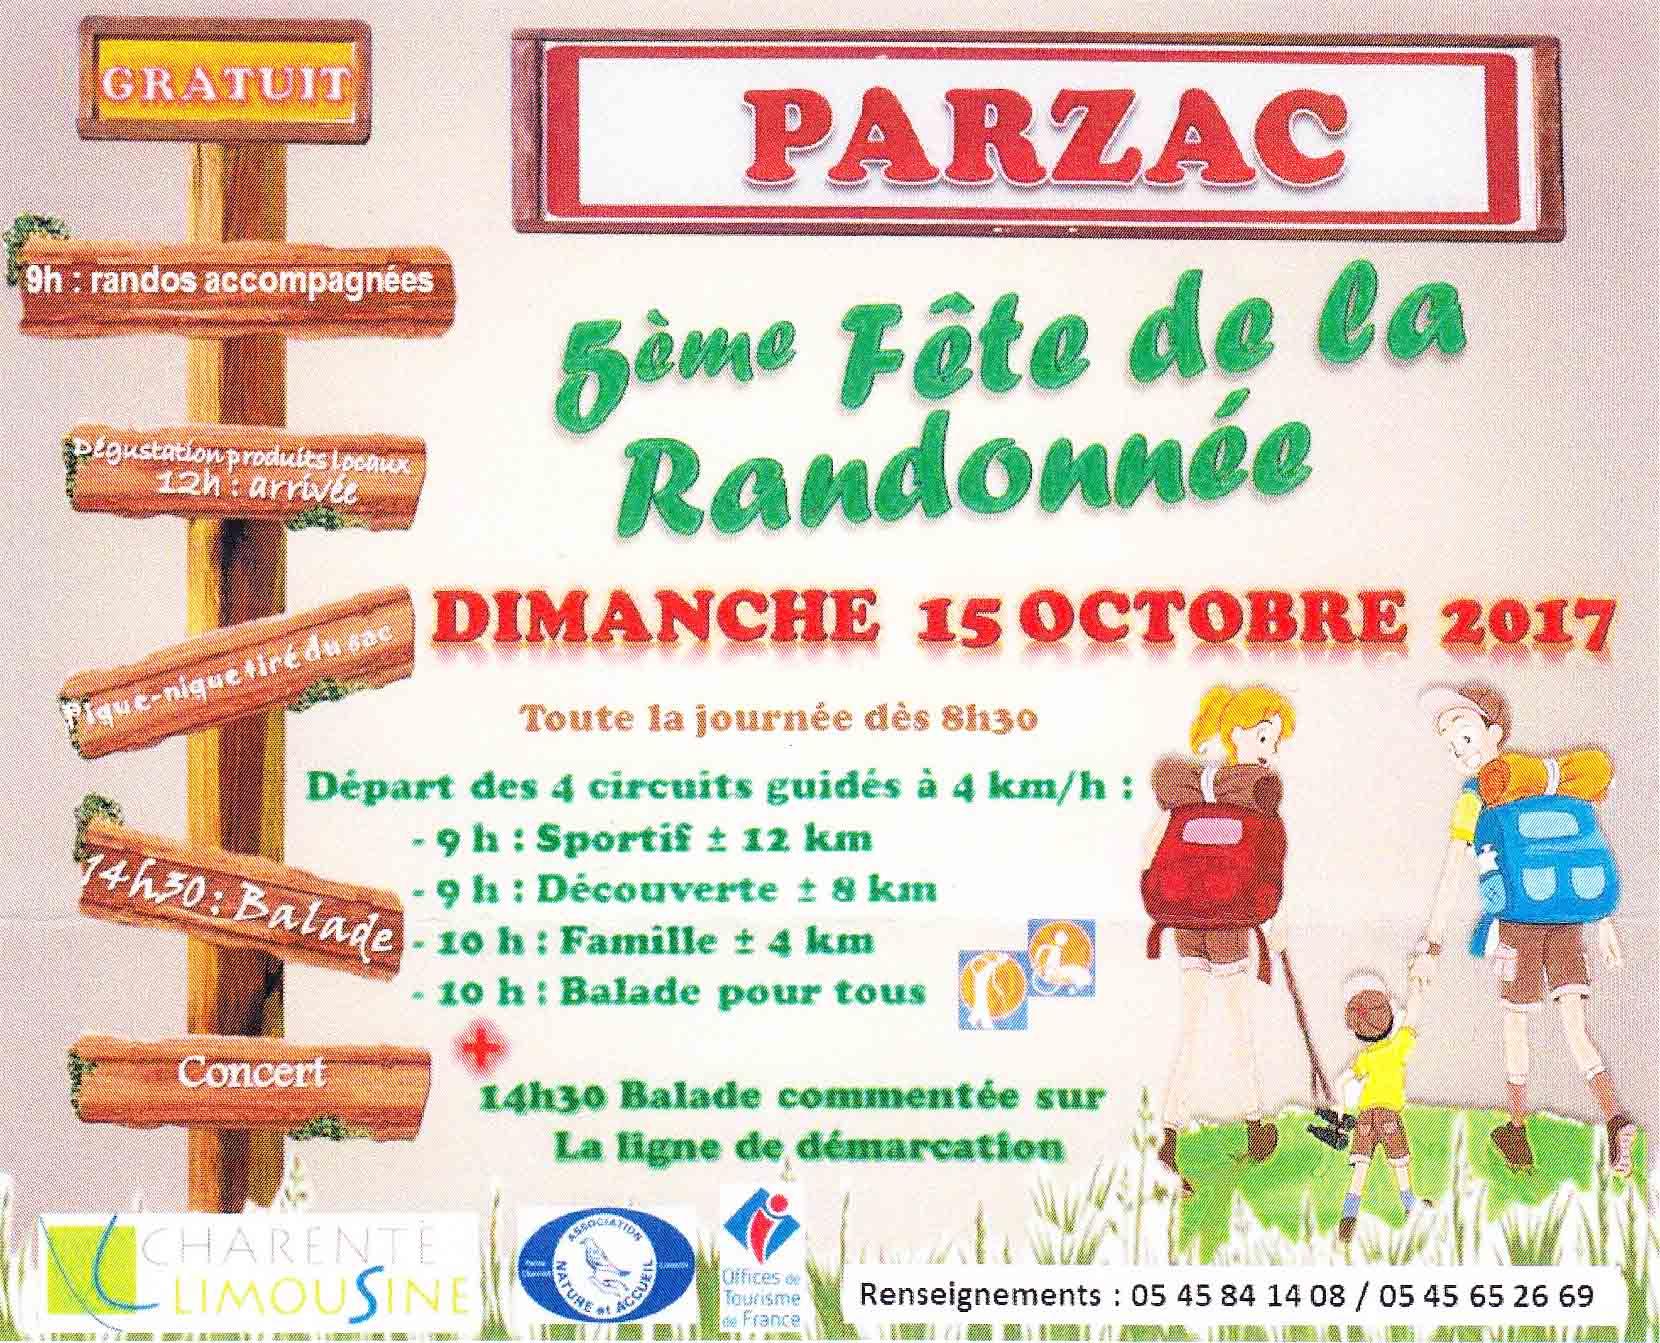 2017-10-15 - 5ème fête de la randonnée à Parzac.jpg